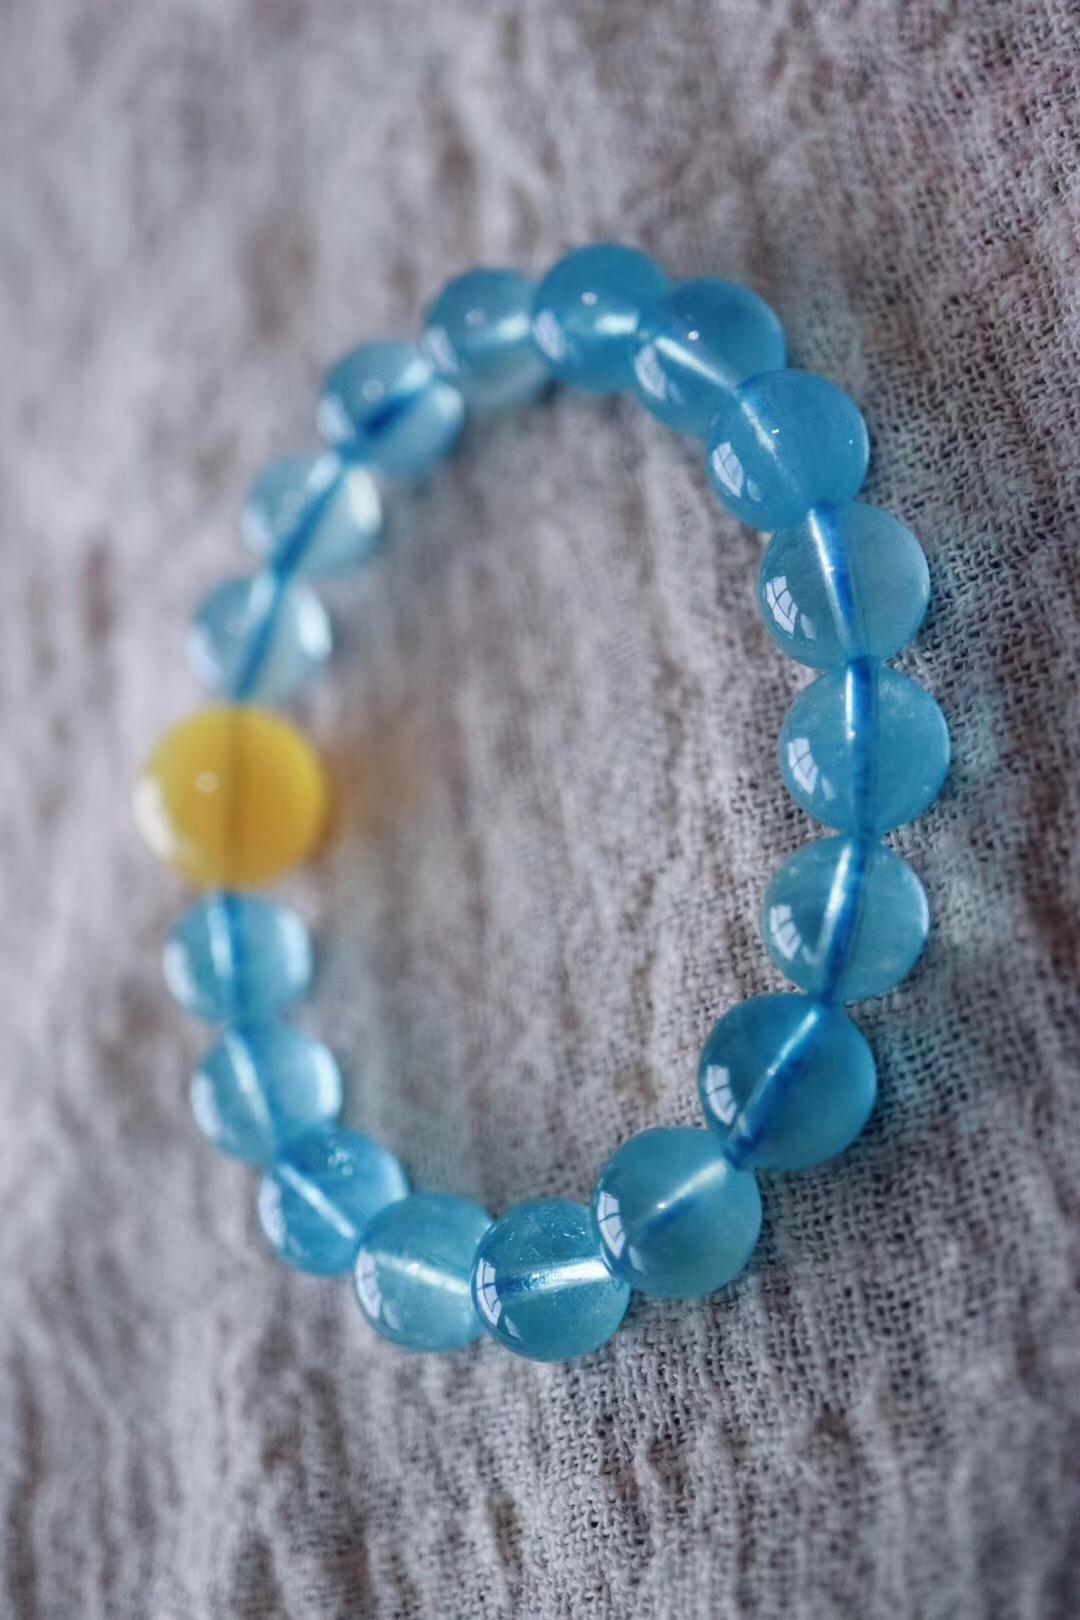 【菩心 | 海蓝宝】金牛座的幸运石,也是五行喜水宝宝们的专属晶石-菩心晶舍